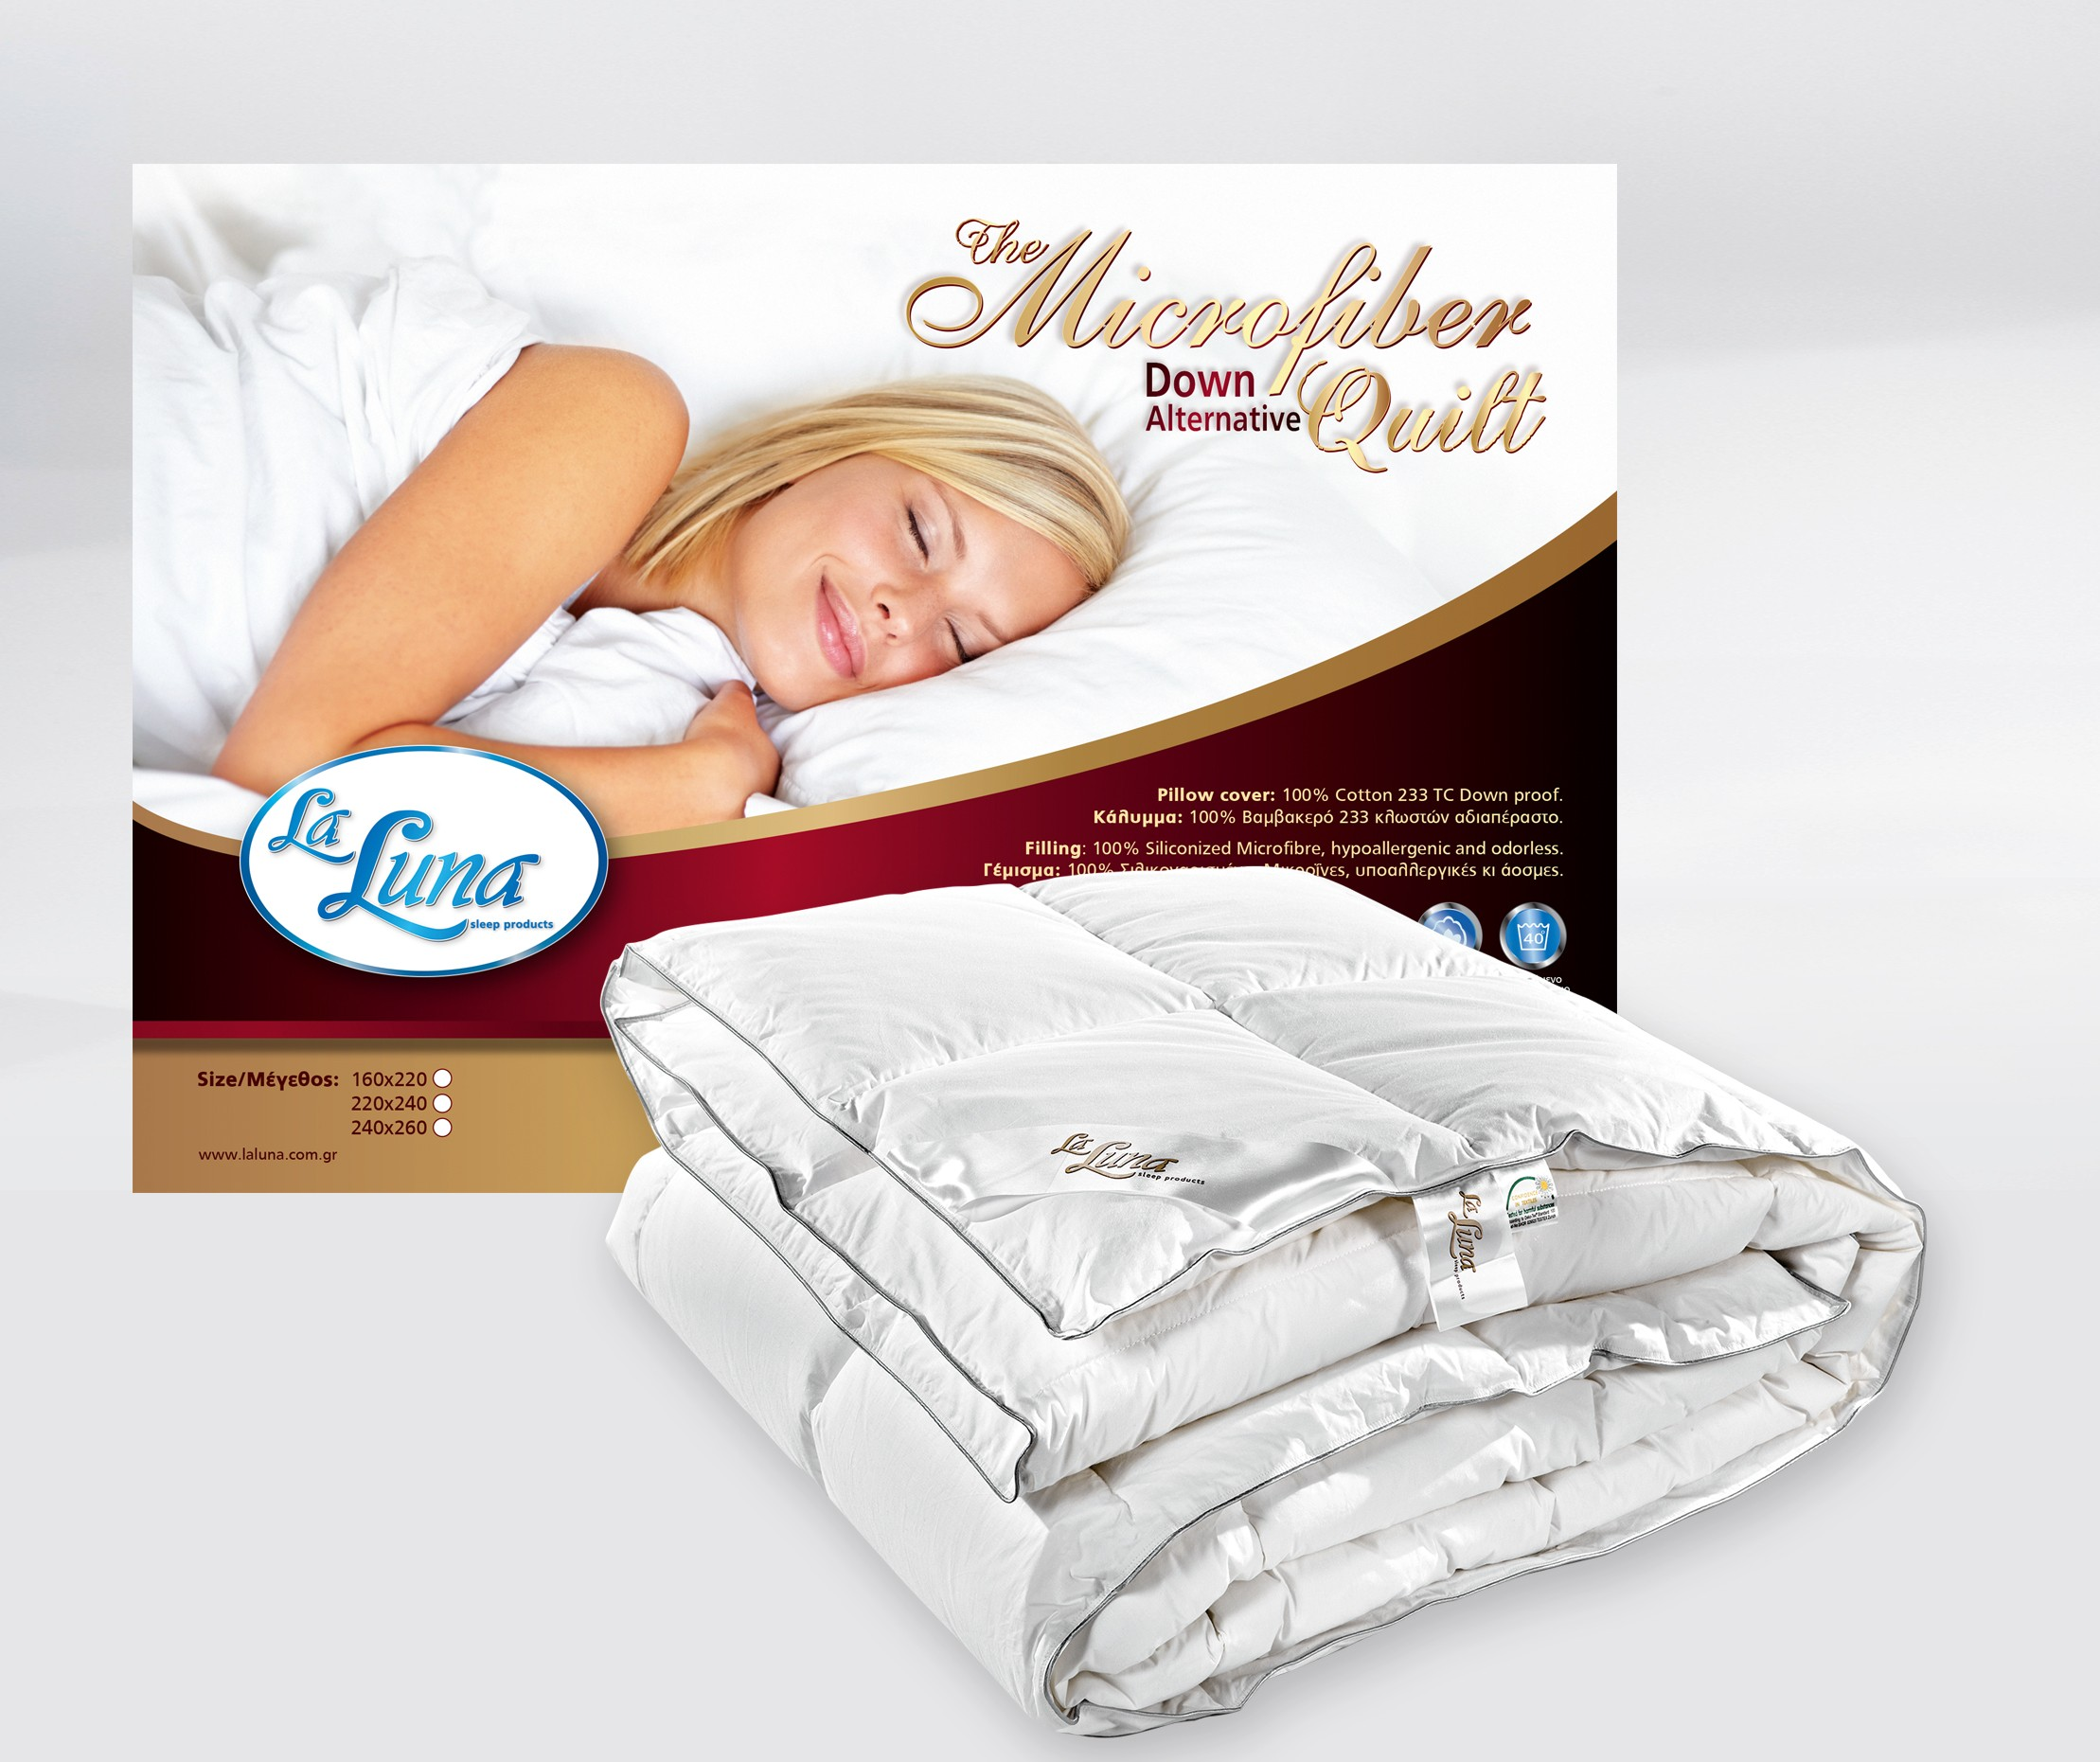 Πάπλωμα King Size La Luna Microfiber Quilt home   κρεβατοκάμαρα   παπλώματα   παπλώματα λευκά